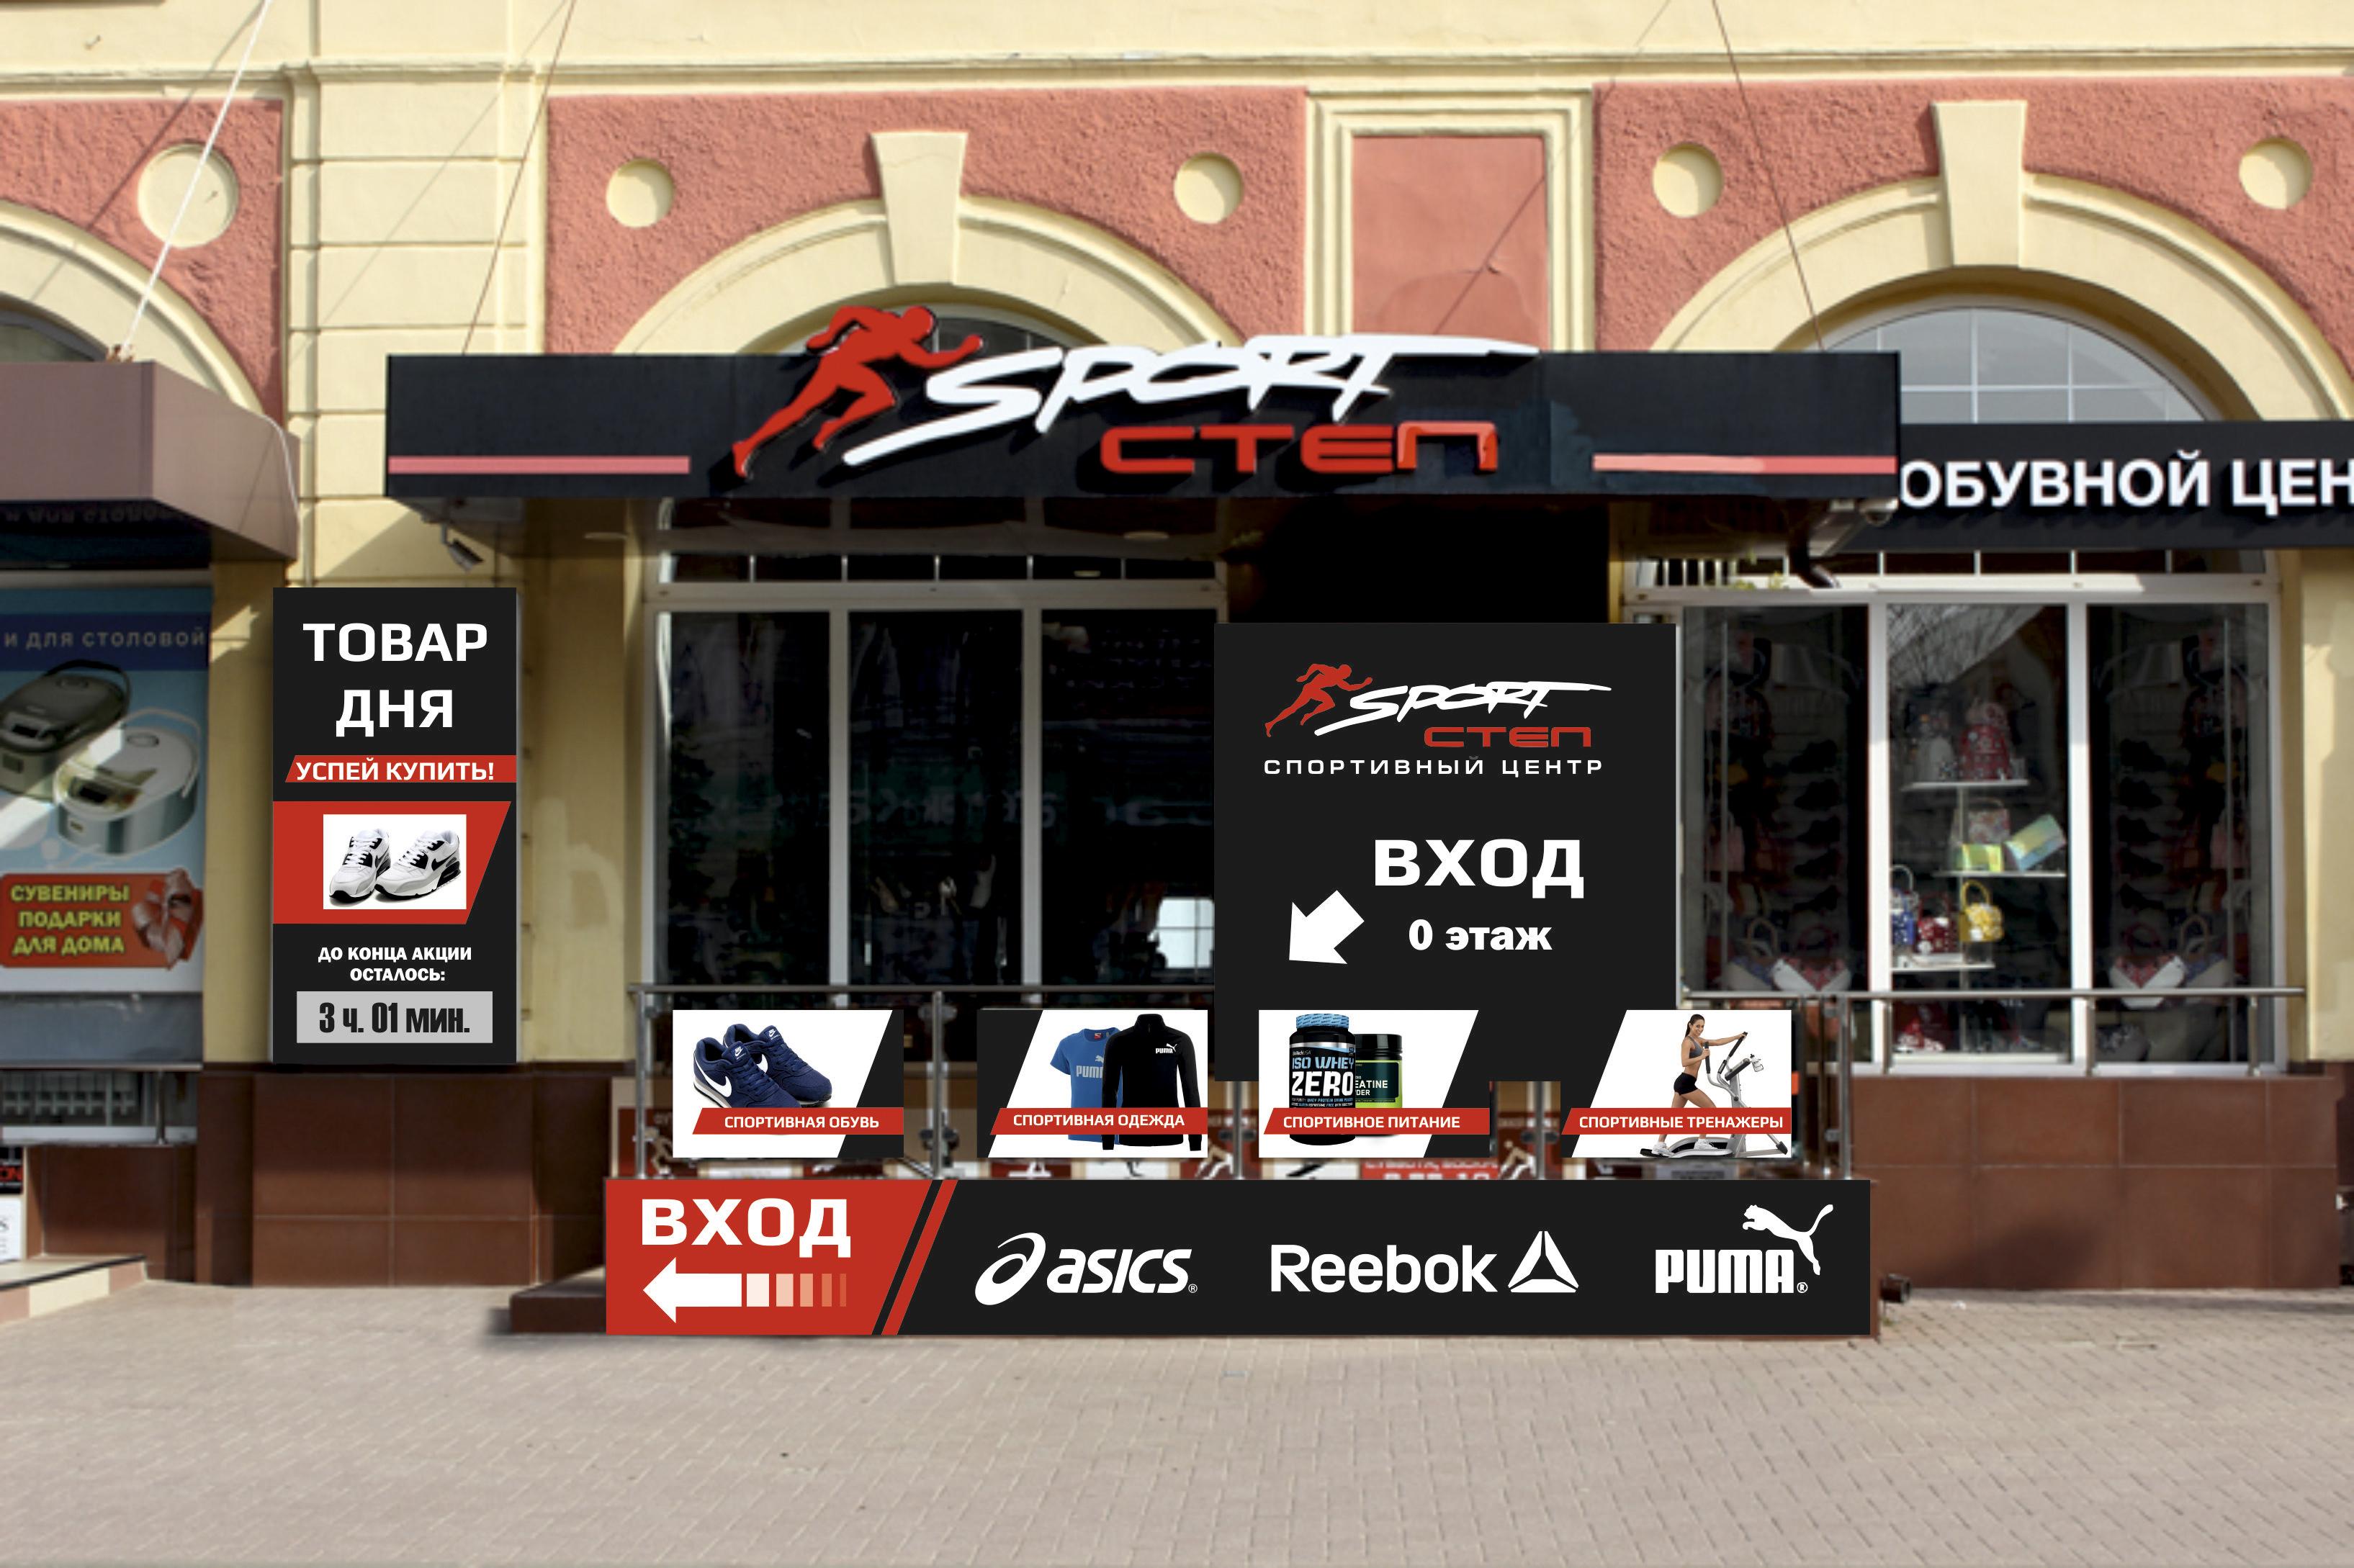 """Оформление фасада магазина спорт-товаров """"Спорт-Степ"""" фото f_622590aec32d4257.jpg"""